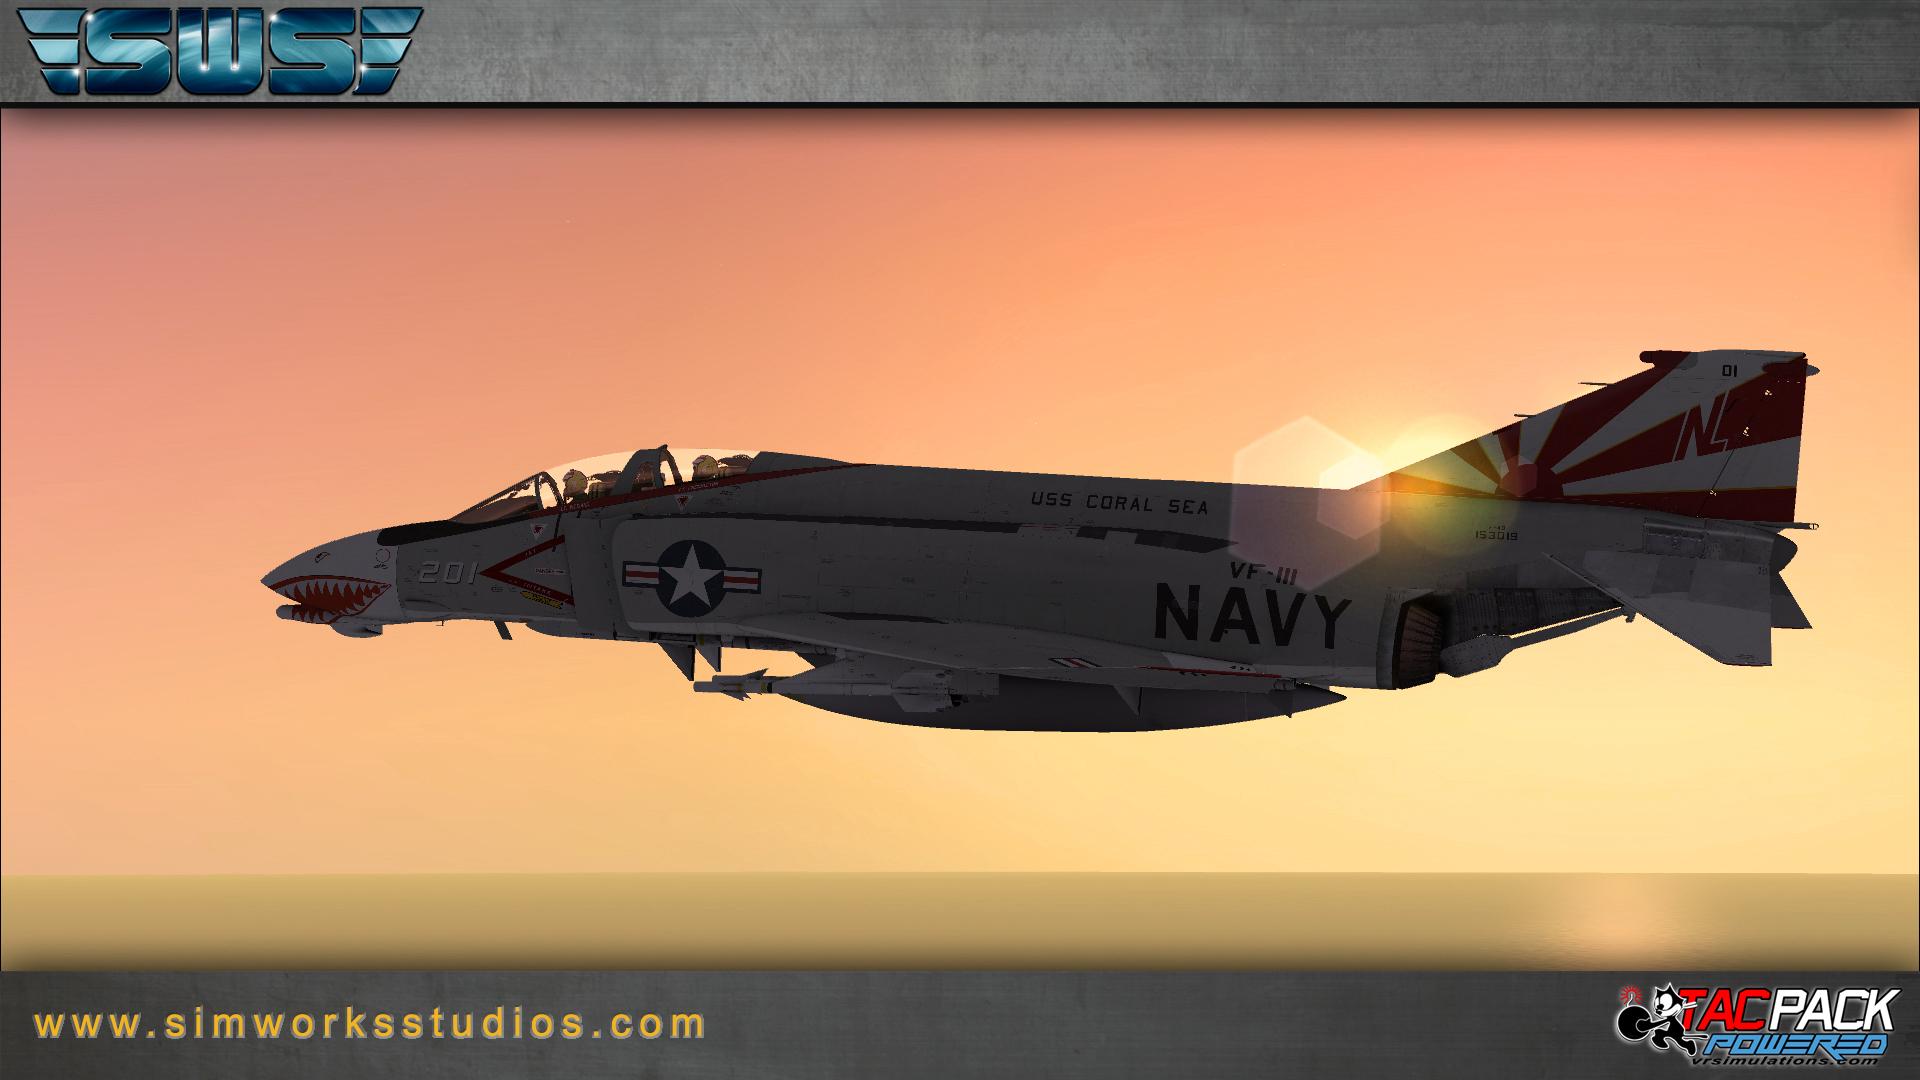 SIMWORKS - F-4B PHANTOM II FSX - P3D FREE till April 12th